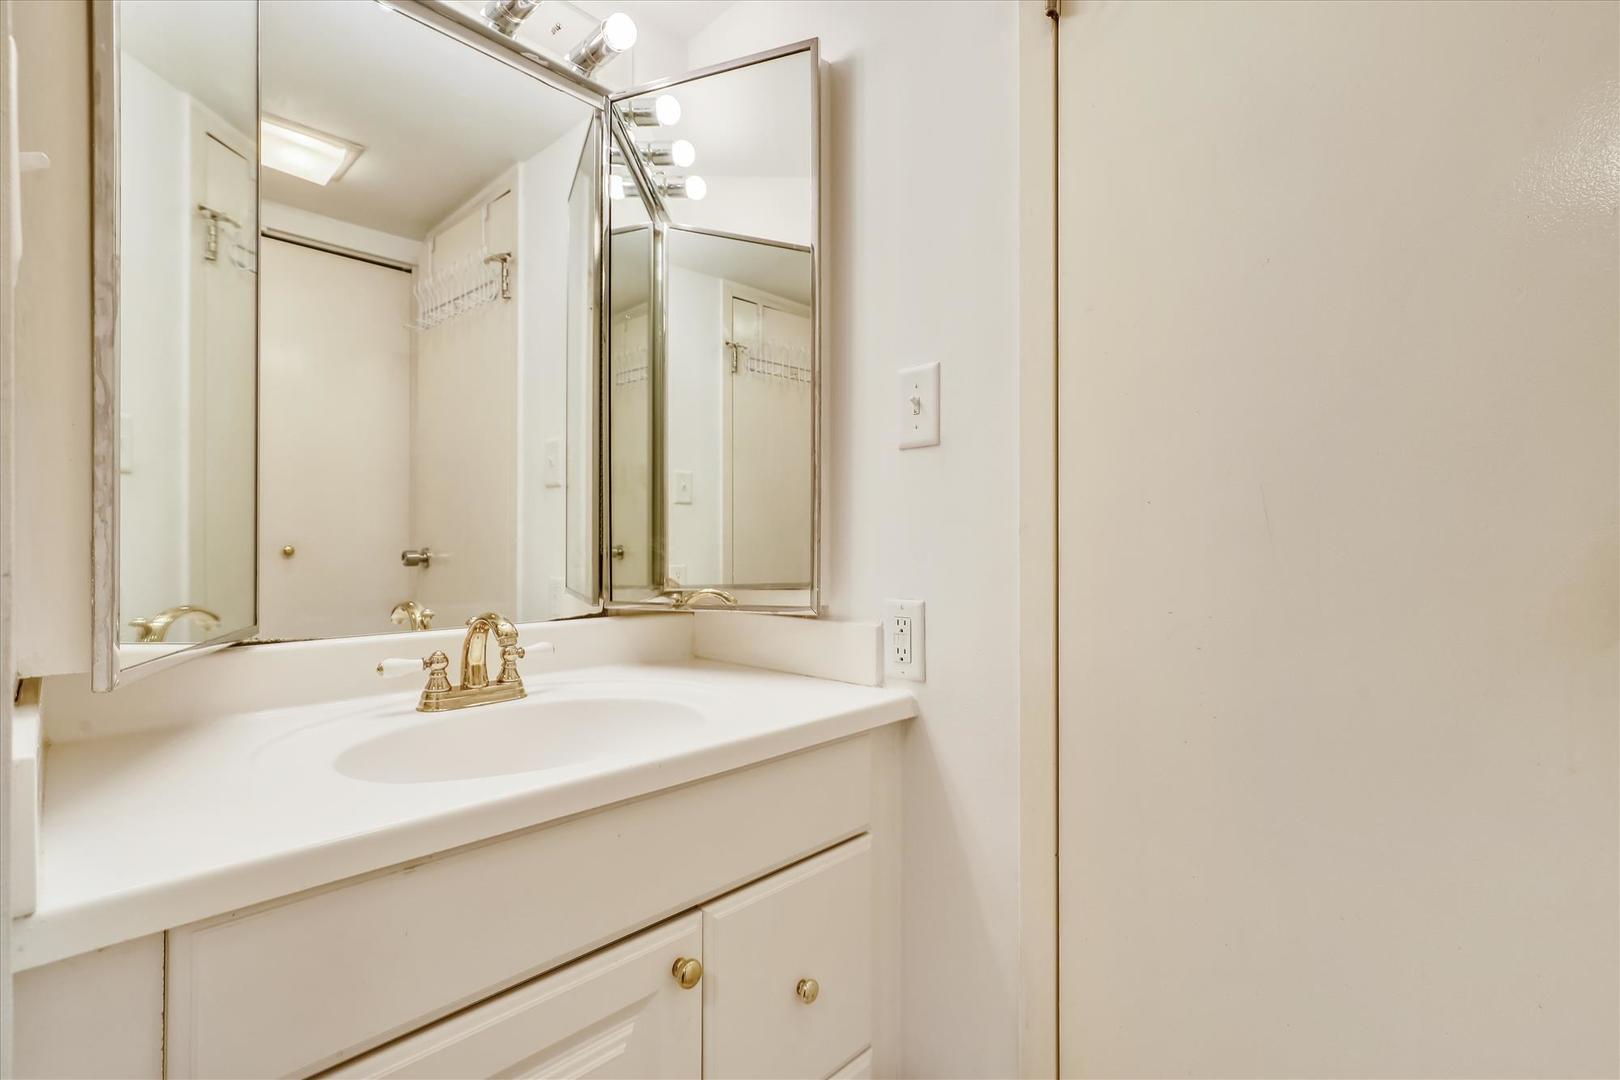 Century I 2210 - Full Bathroom on Lower Level